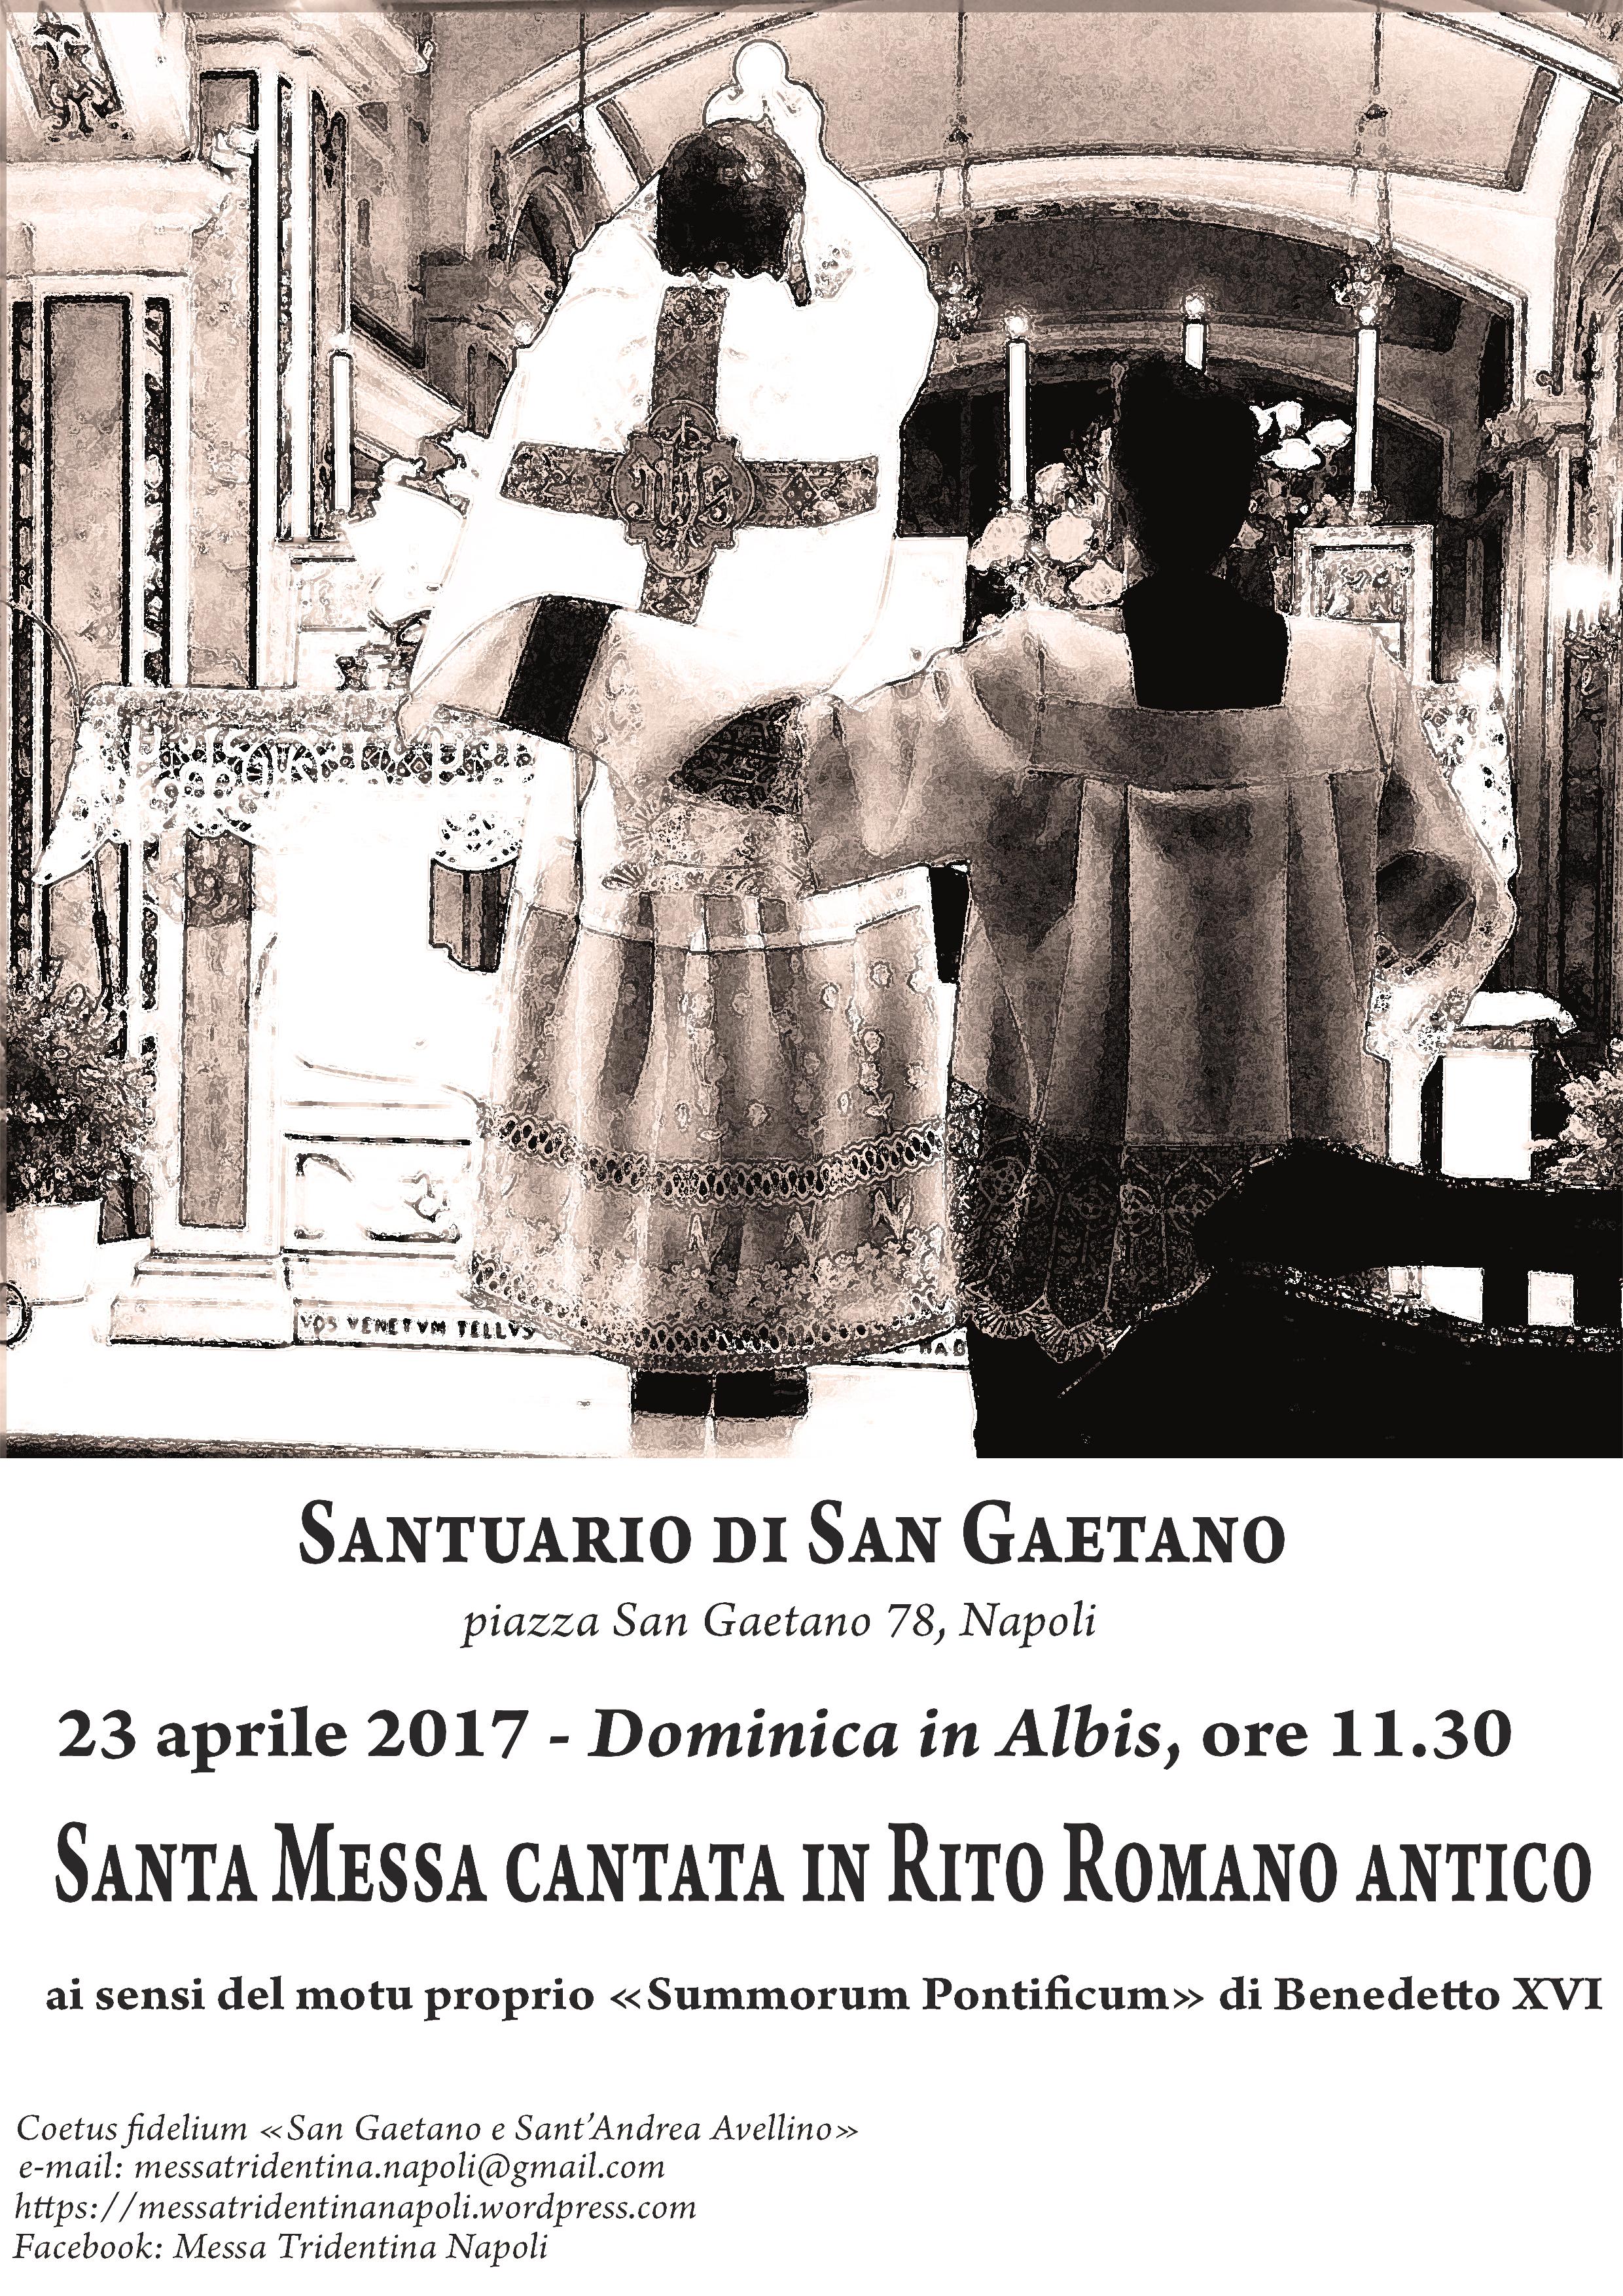 Rito Matrimonio Romano Antico : Aprile domenica in albis s messa cantata